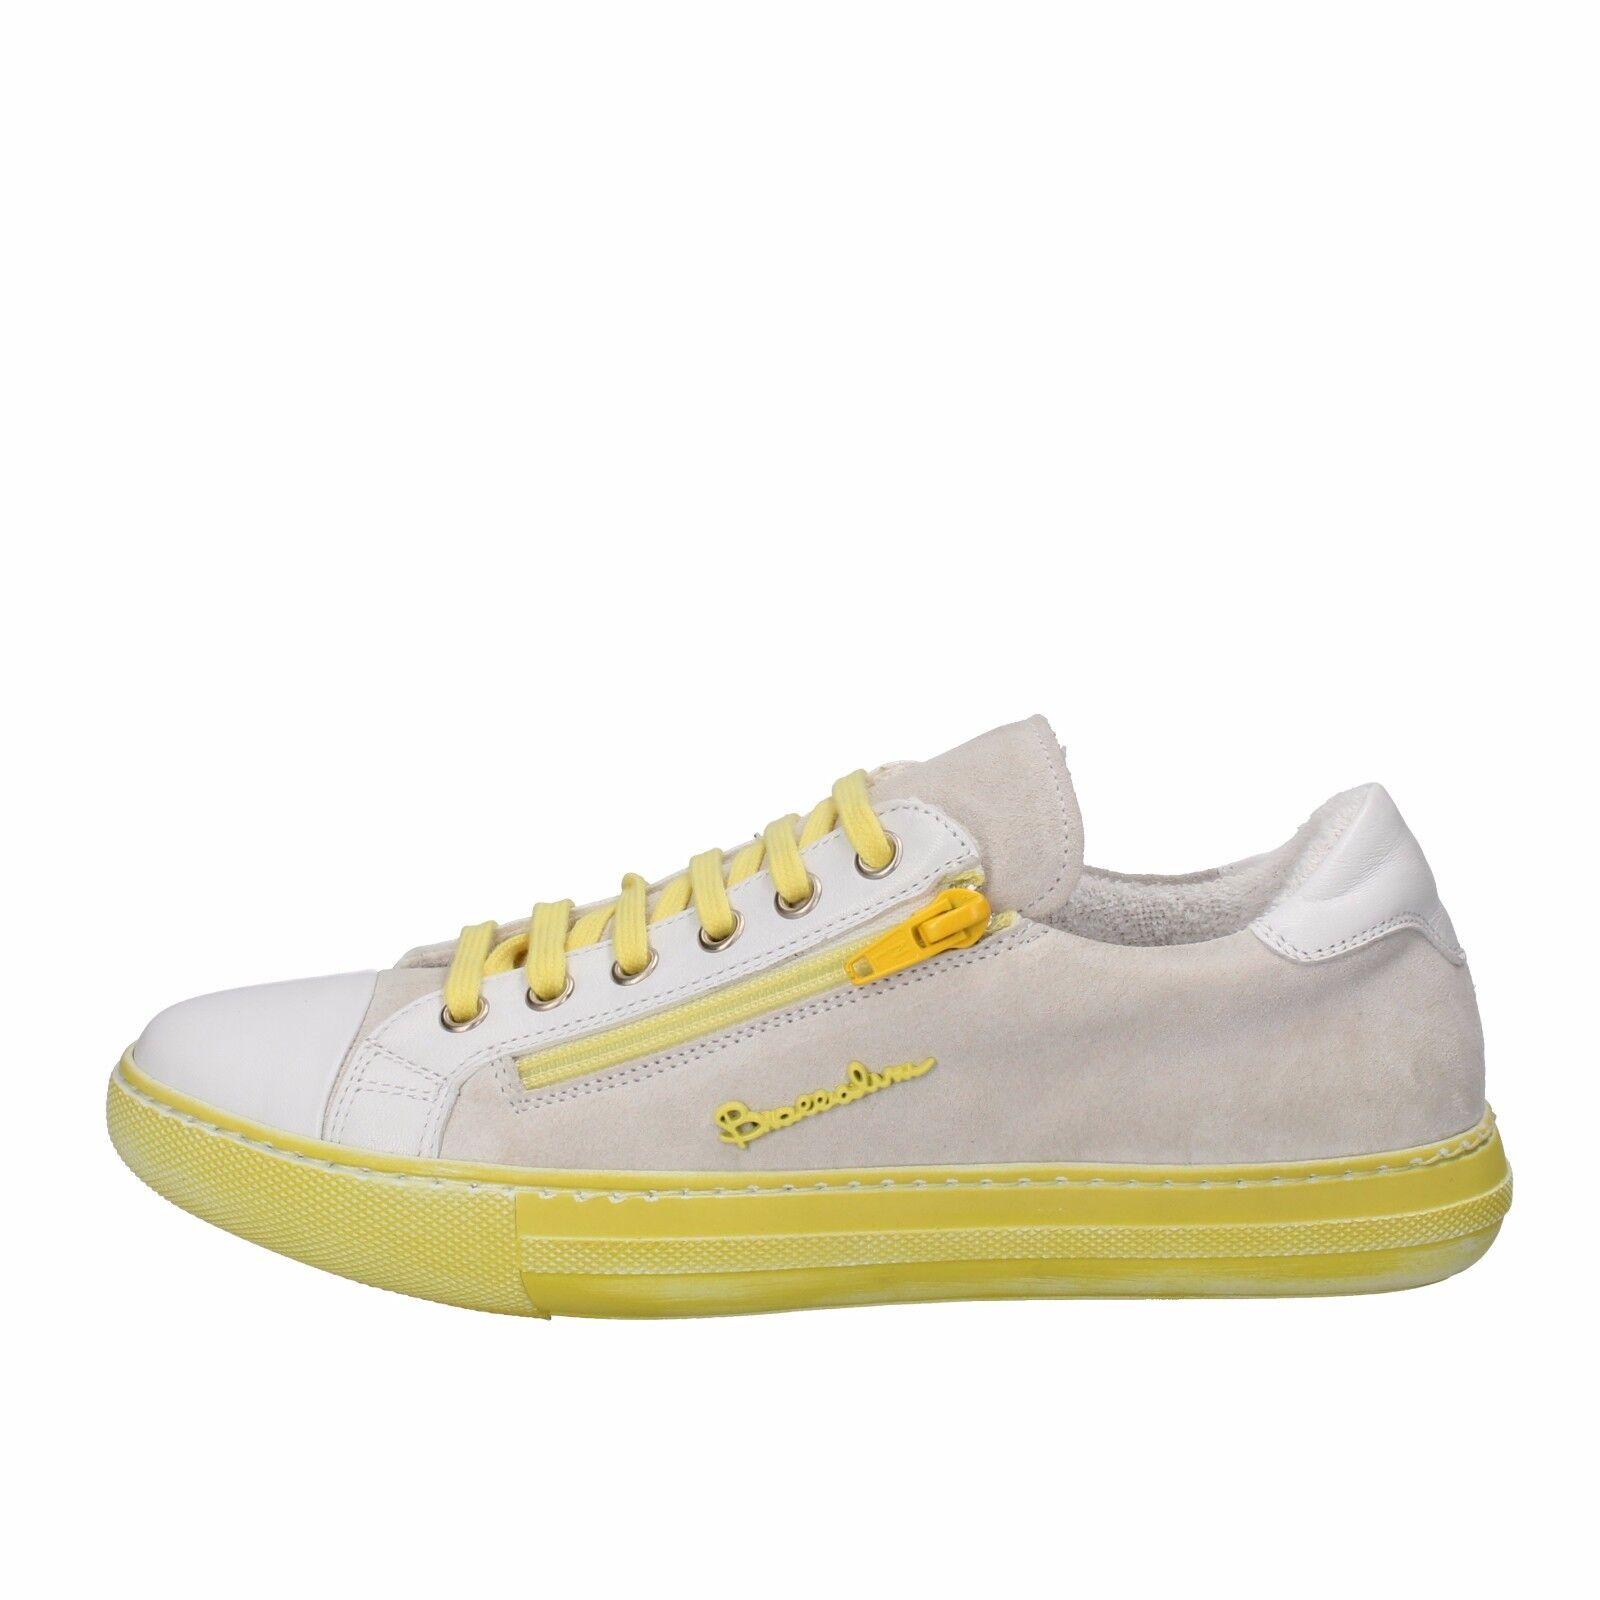 scarpe giallo donna BRACCIALINI 36 sneakers giallo scarpe bianco camoscio pelle AH368-B b0c444